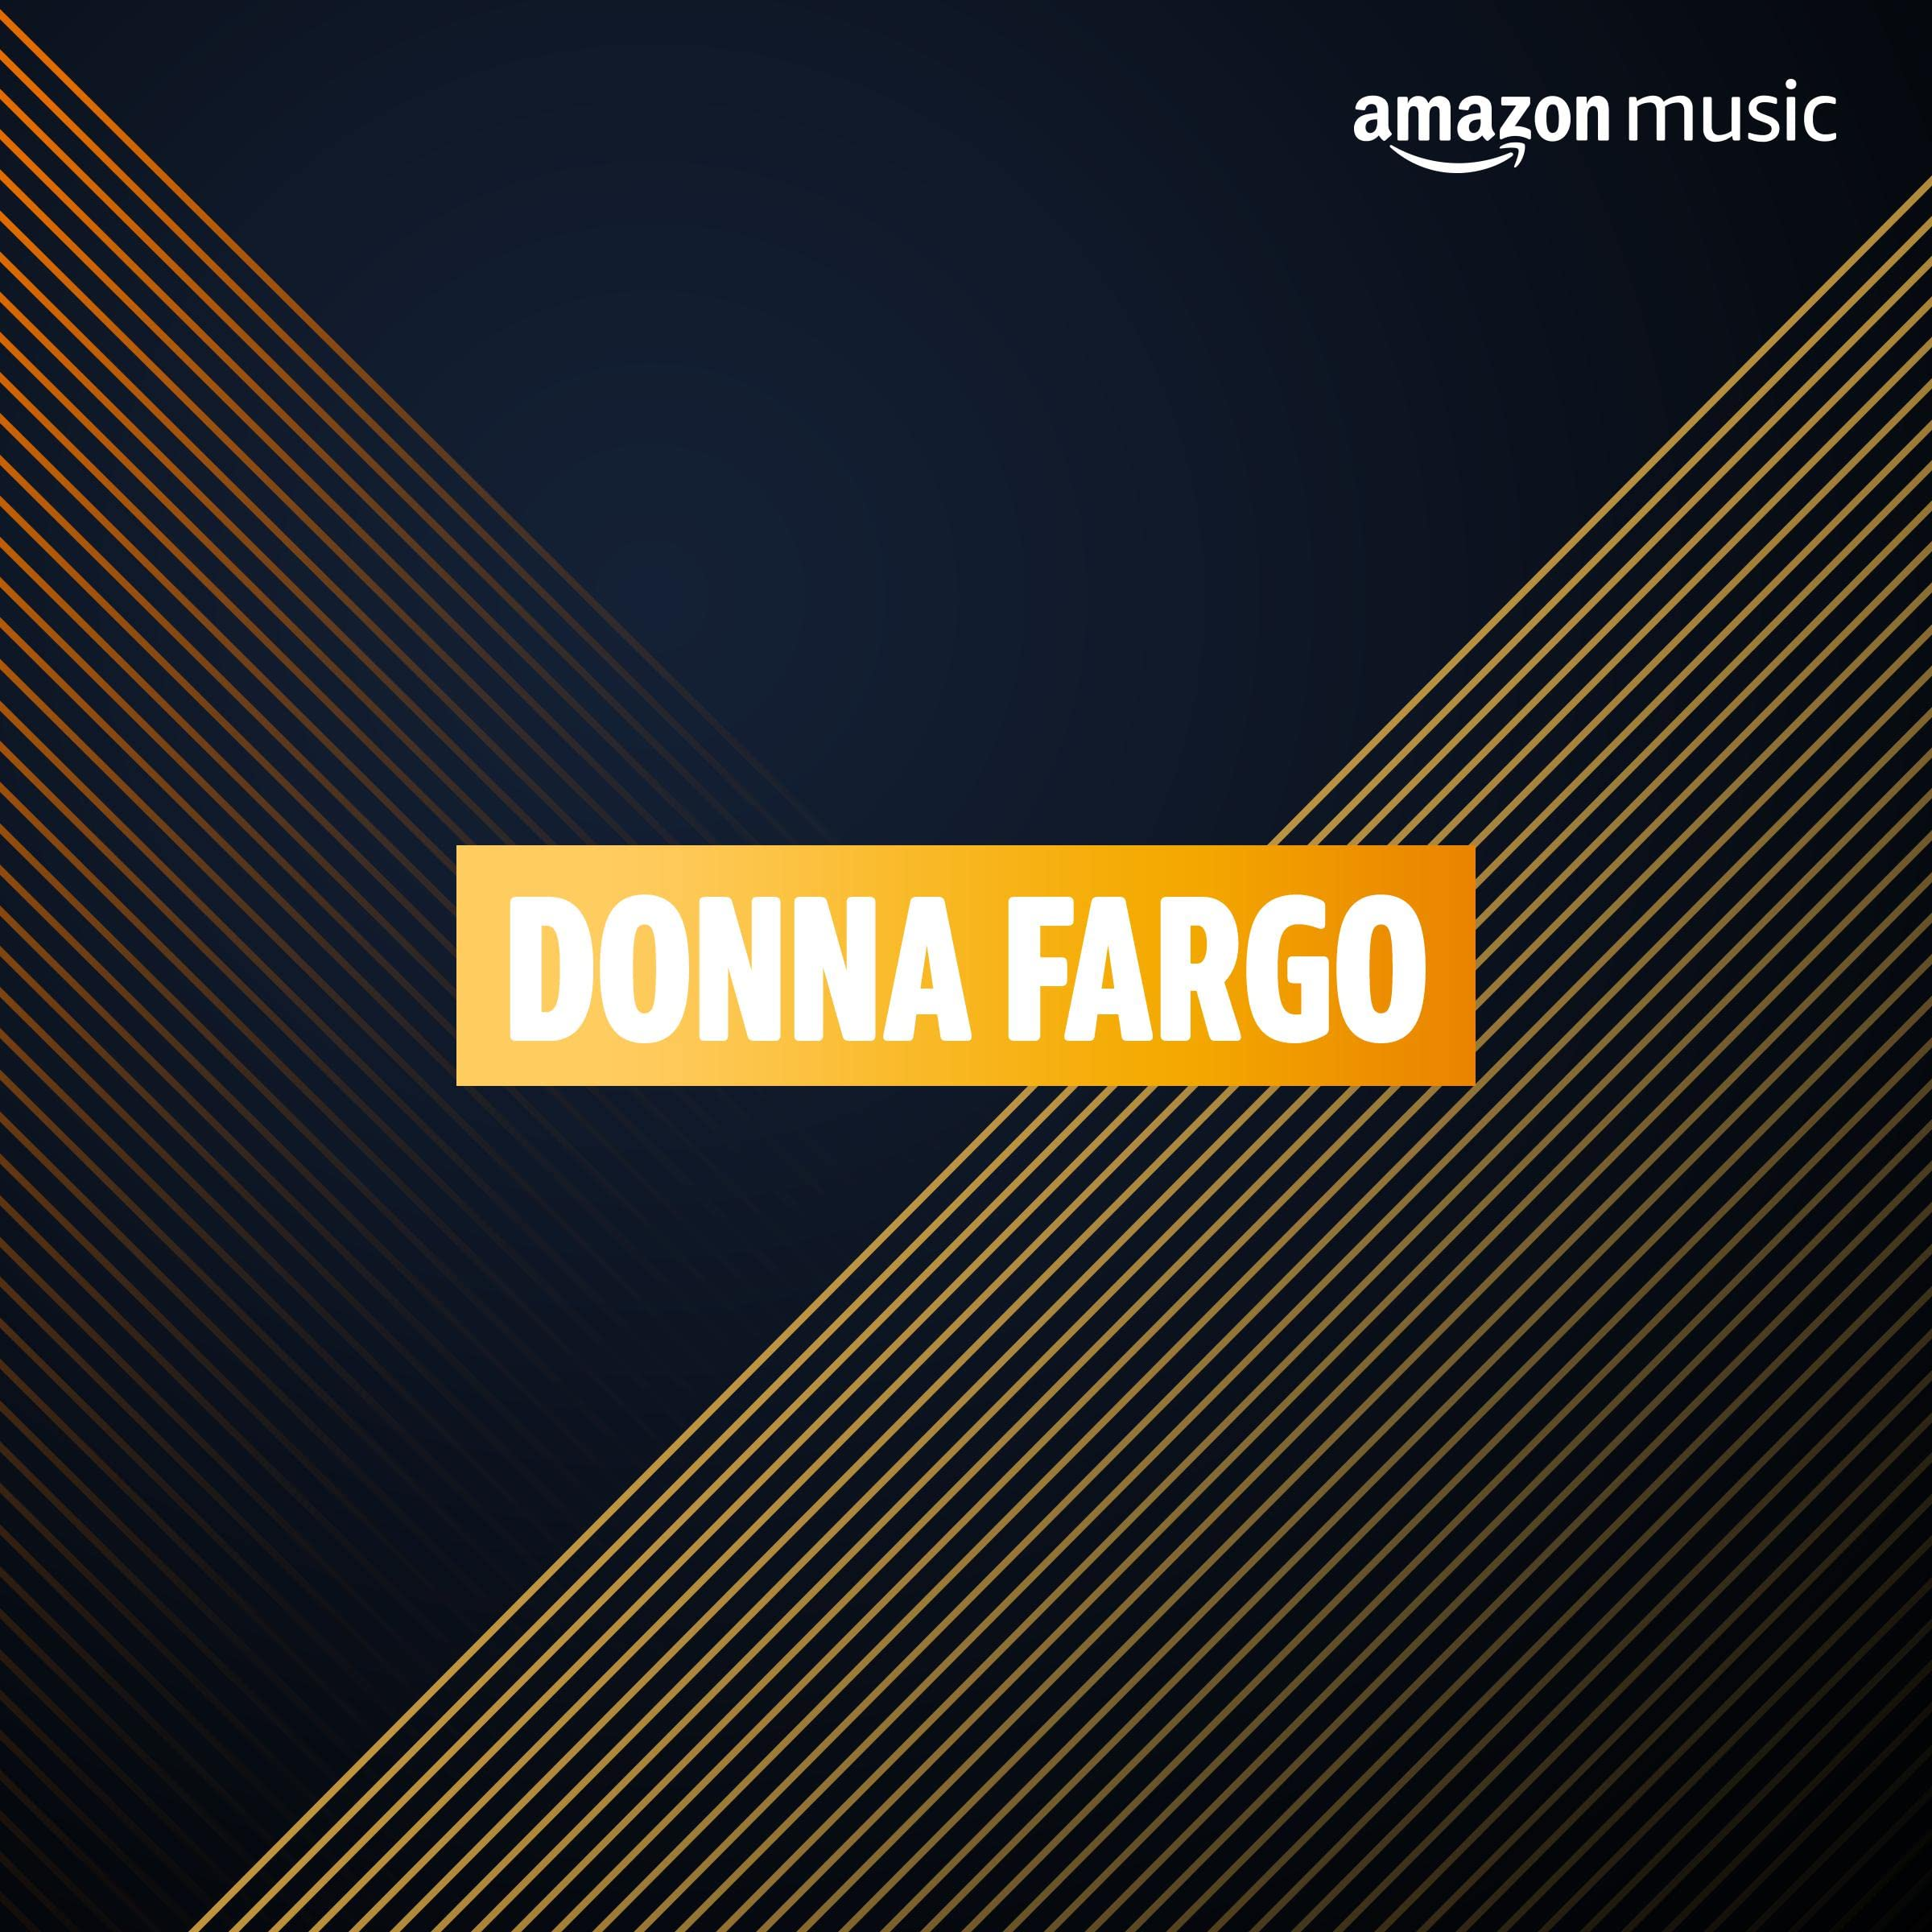 Donna Fargo